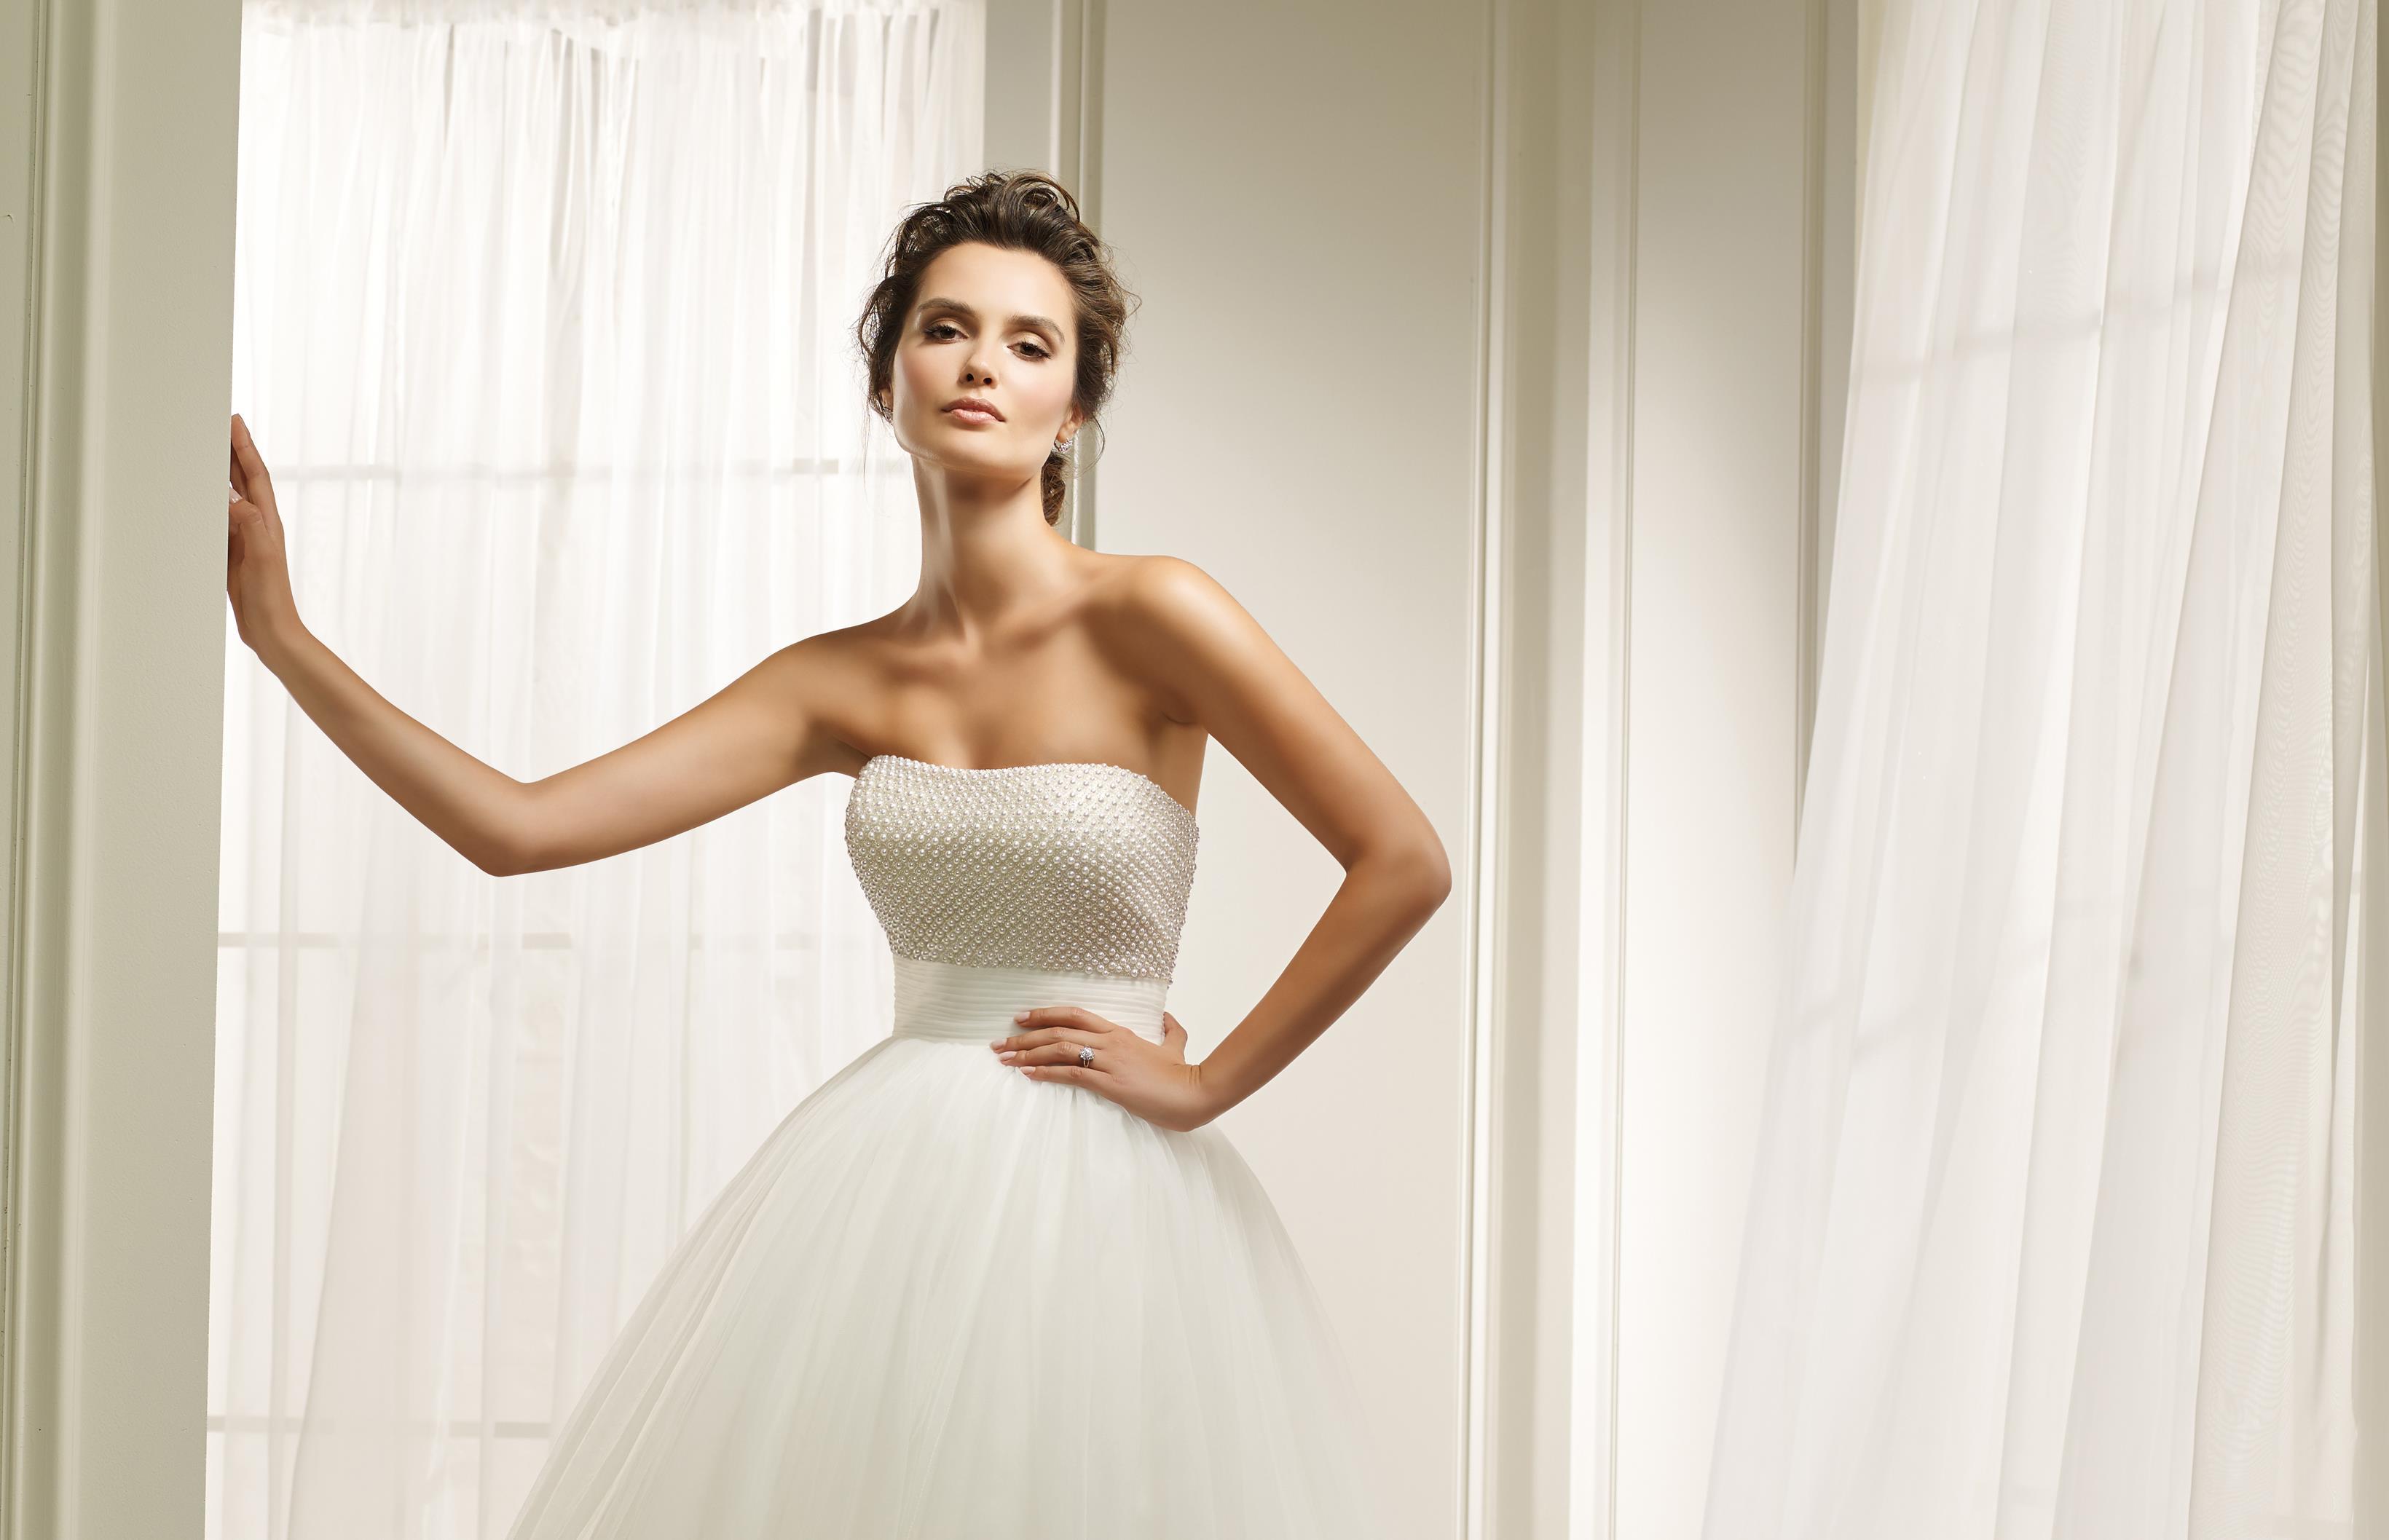 Bovenstuk Trouwjurk.5 Trouwjurken Voor De Klassieke Bruid De Specialist In Bruidsmode